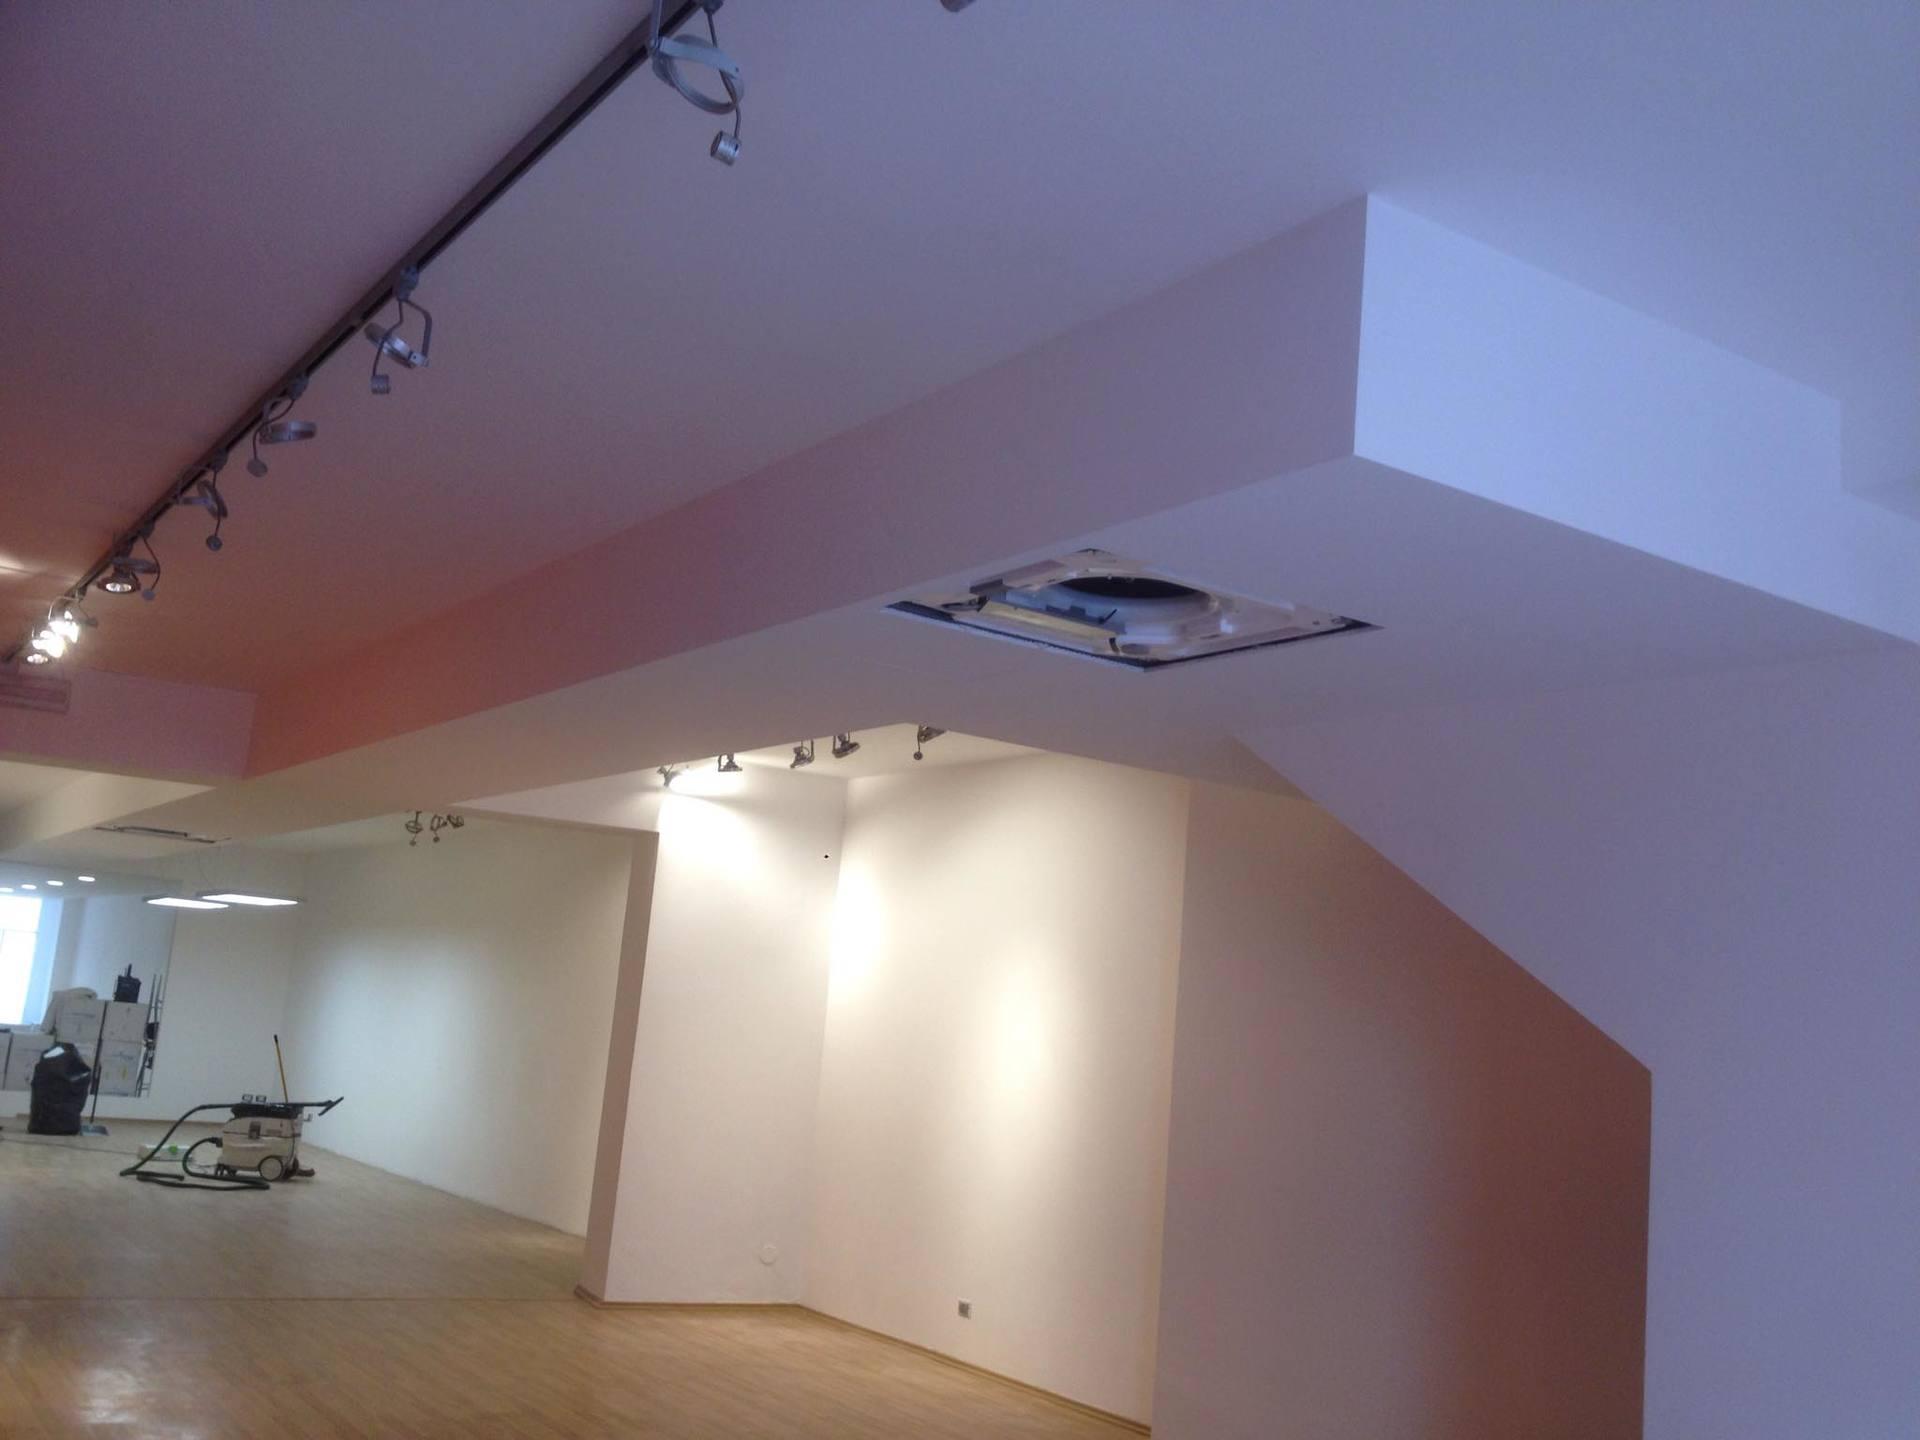 Locale con pavimento in legno, buco nel tetto per nuova sistemazione,guia elenco per installare le lampade ,al fondo un aspiratore e casse di cartone